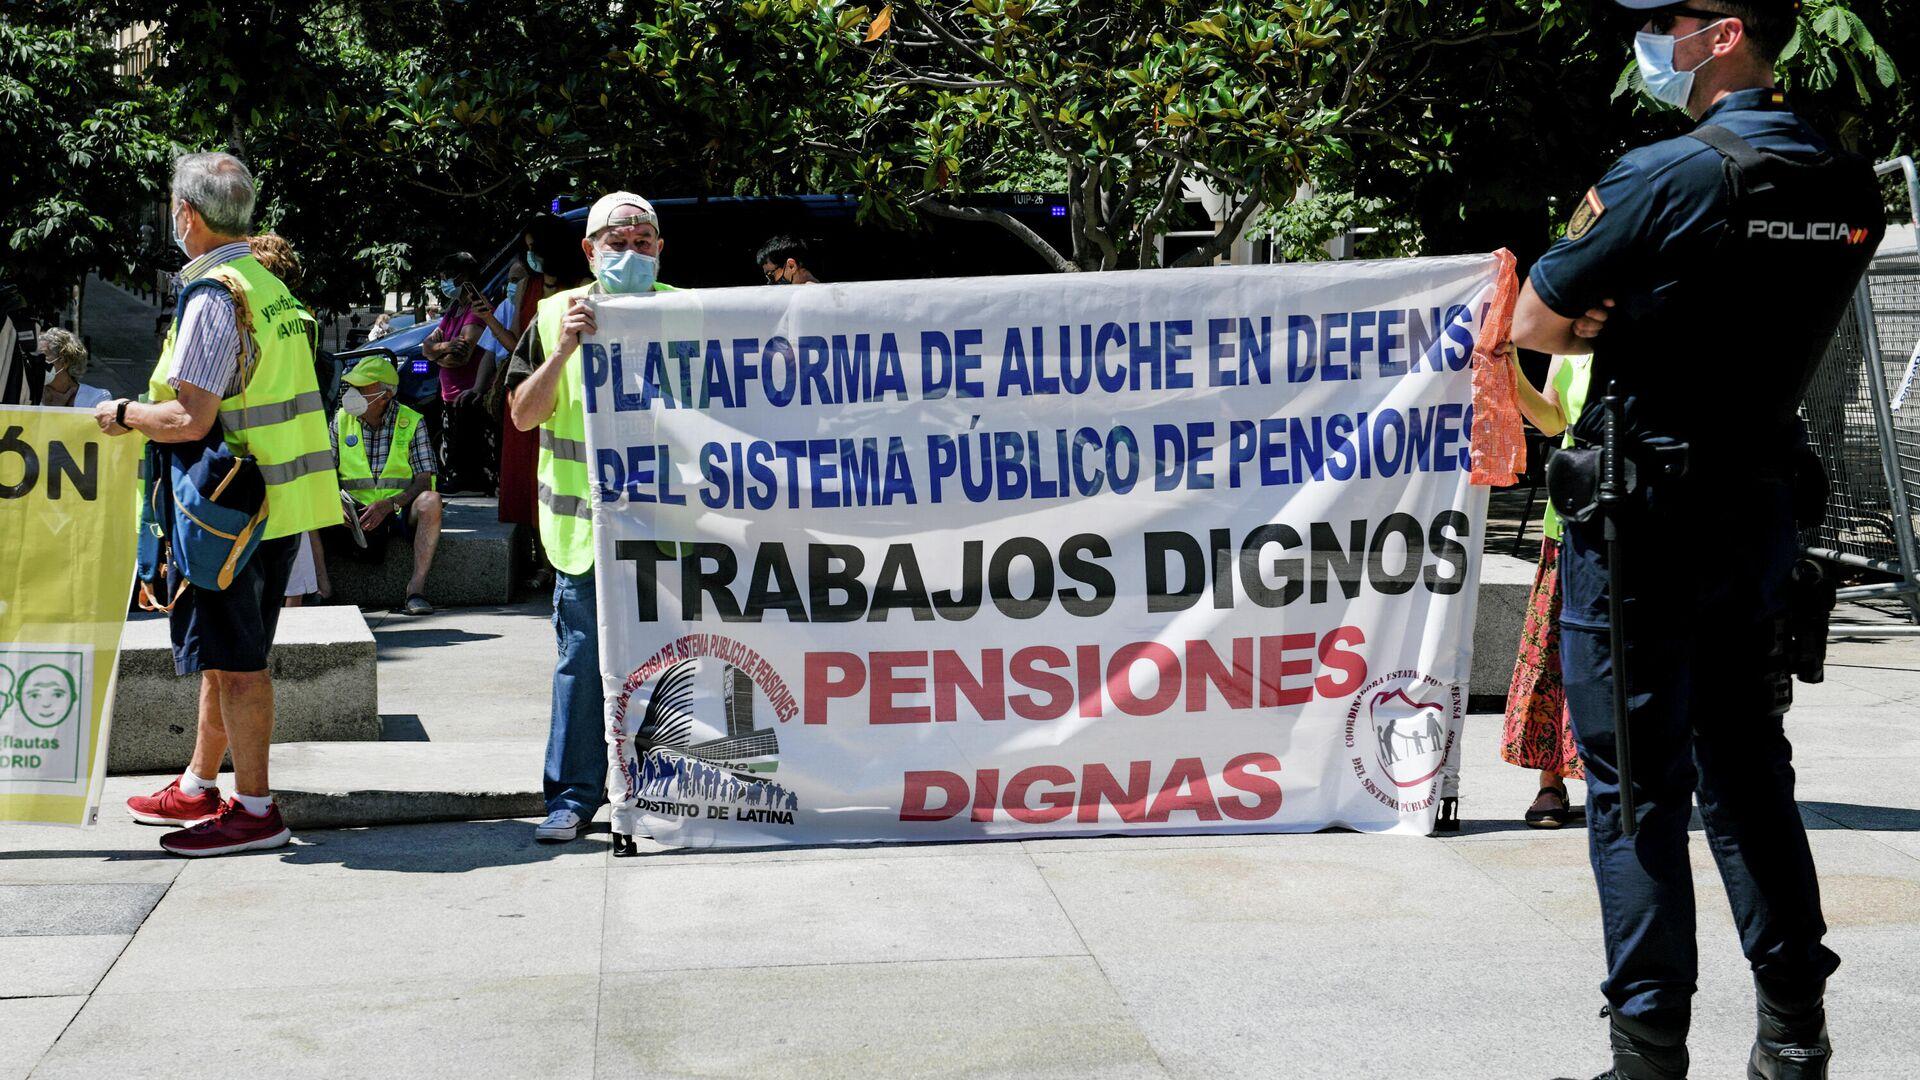 Protesta en defensa de las pensiones públicas - Sputnik Mundo, 1920, 28.06.2021